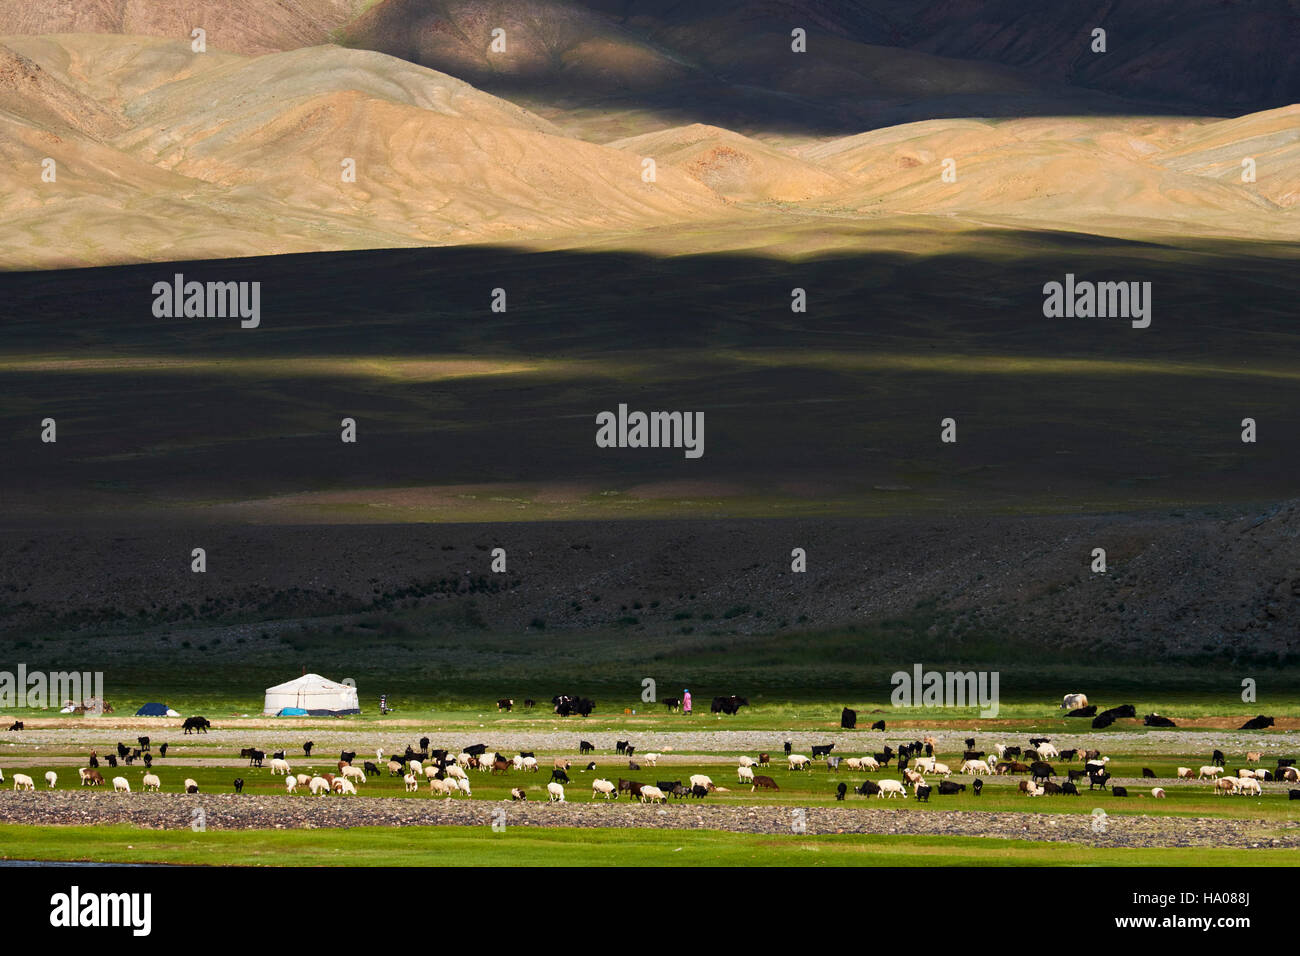 La Mongolie, Bayan-Ulgii province, l'ouest de la Mongolie, les montagnes colorées de l'Altay, camp Photo Stock